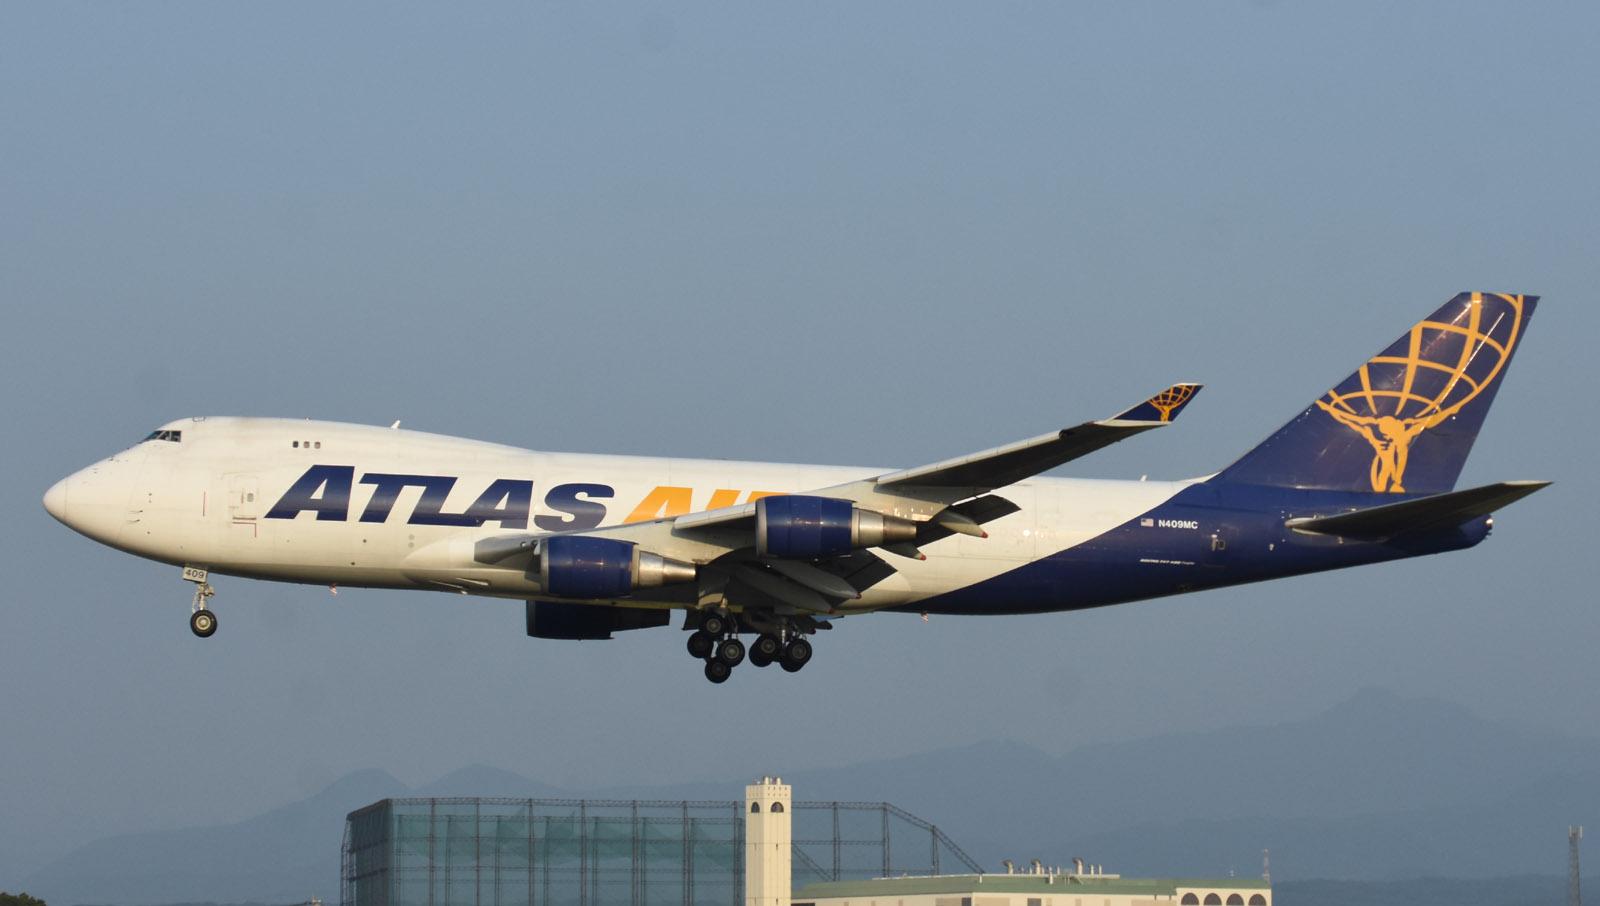 Atlas180722g080